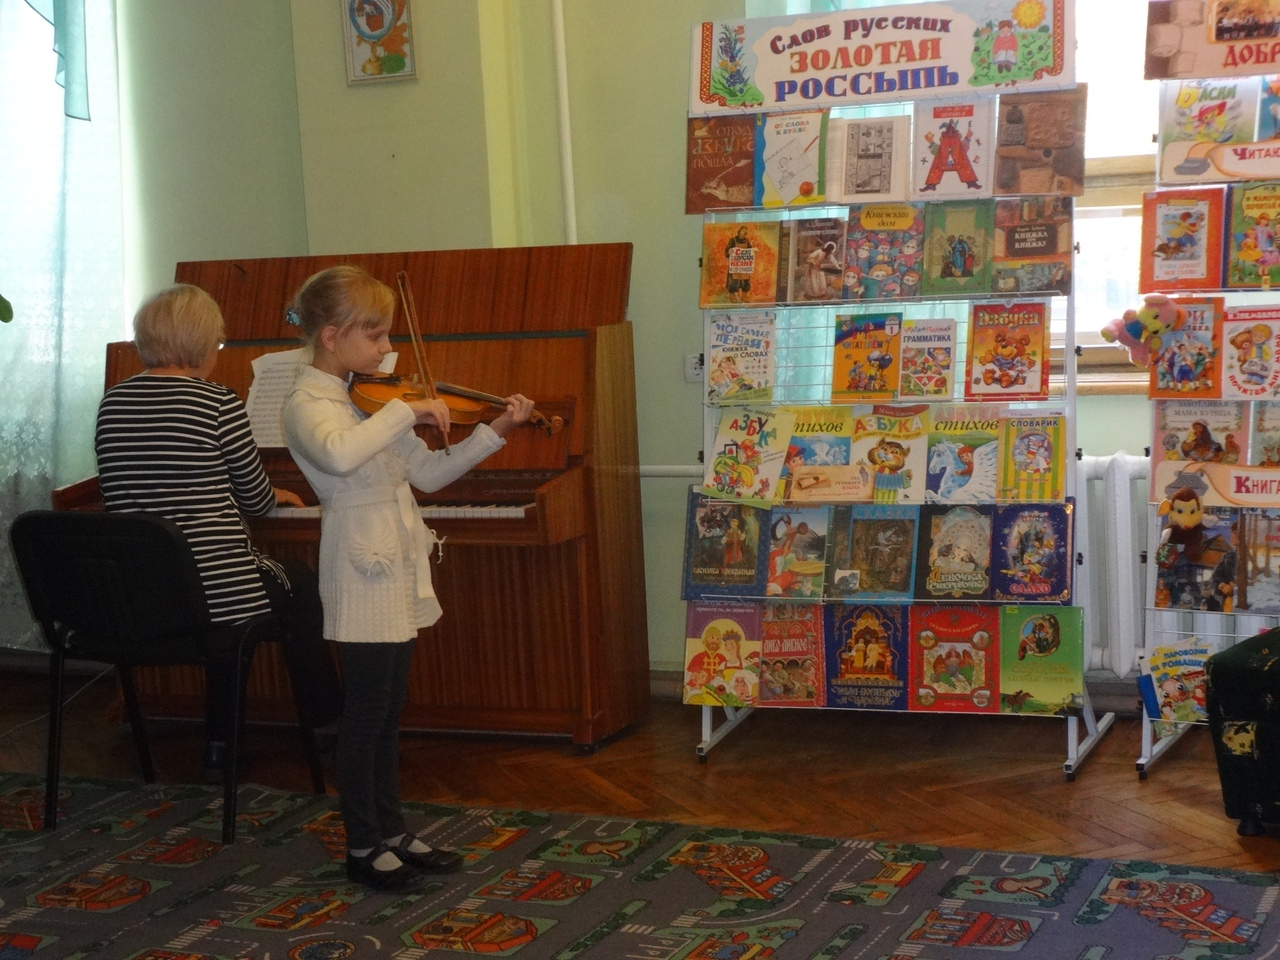 донецкая республиканская библиотека для детей, отдел обслуживания дошкольников и учащихся 1-4 классов, в библиотеке интересно, занятия с малышами, осенние приметы